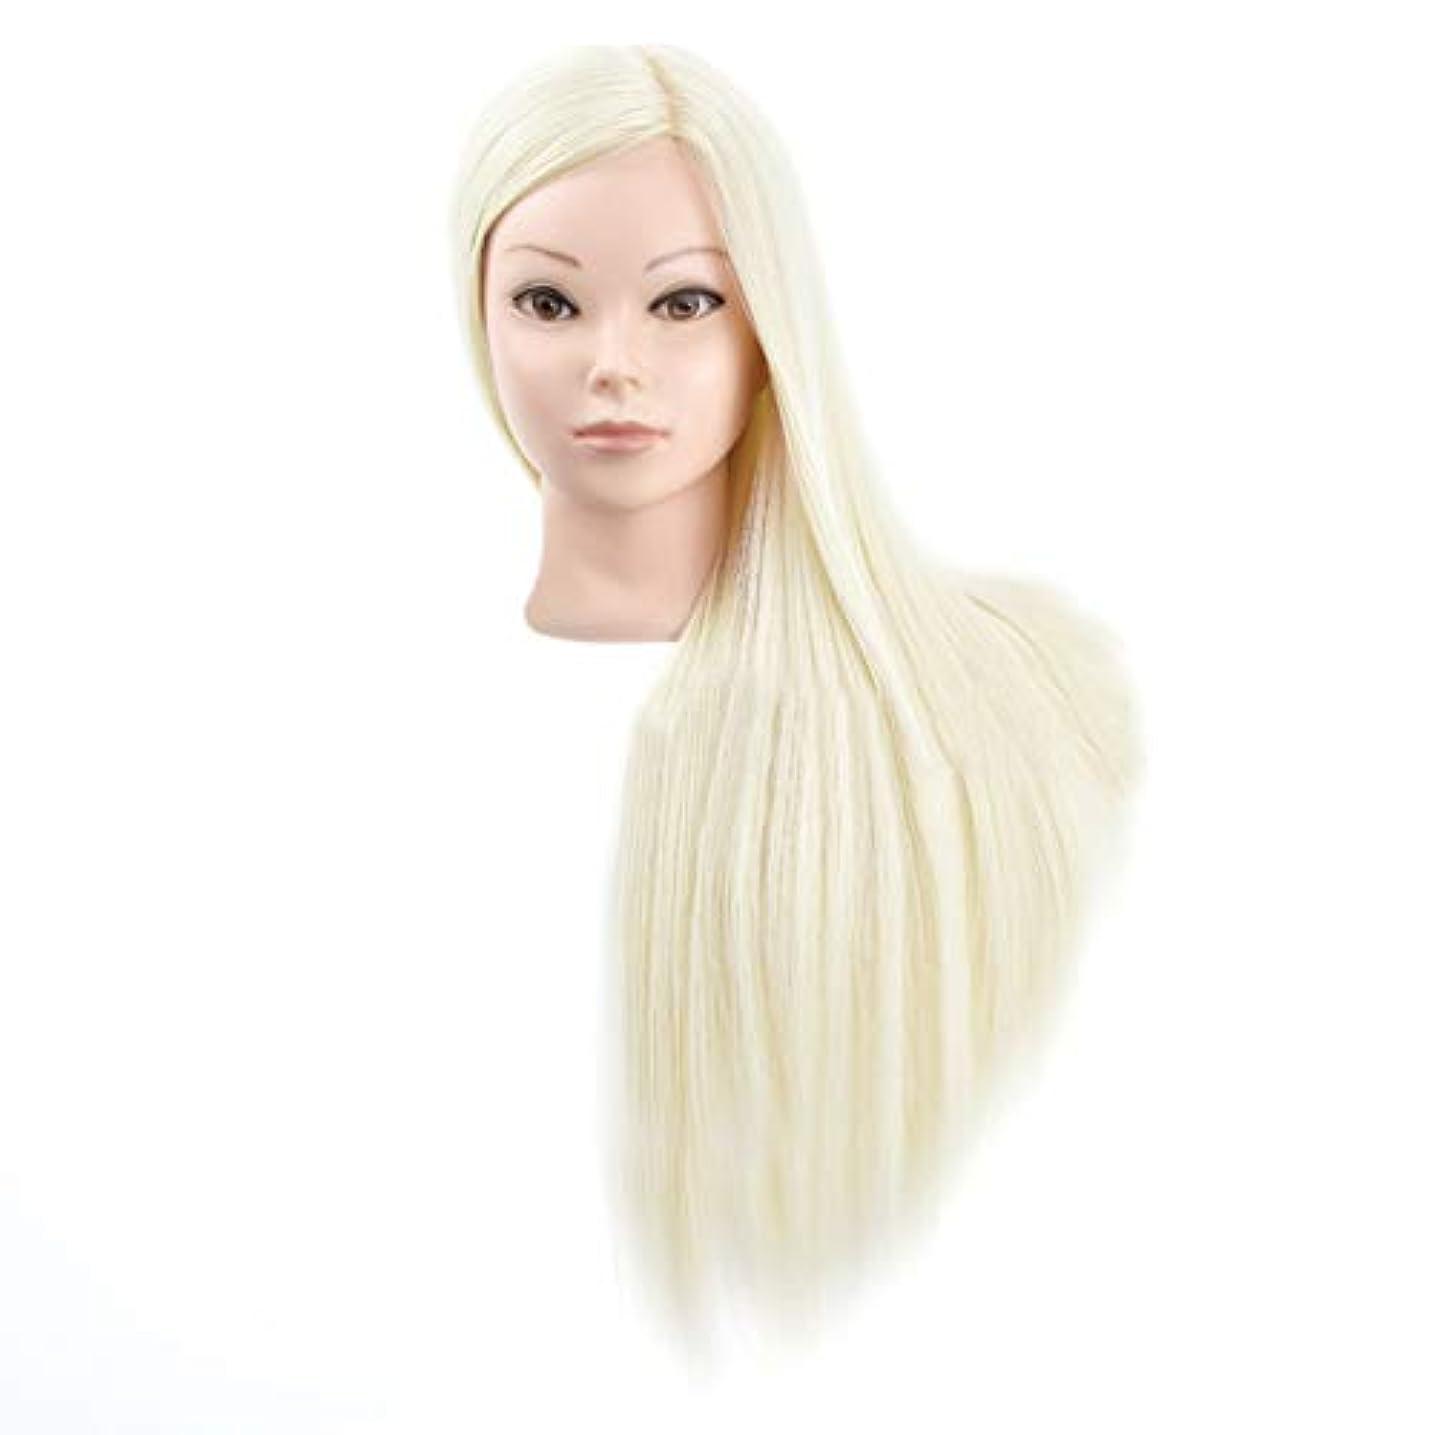 鬼ごっこ引き潮発表する髪編組ヘアスタイリング練習ヘッド高温シルク材料かつらヘッド金型メイク学習訓練ダミーヘッド